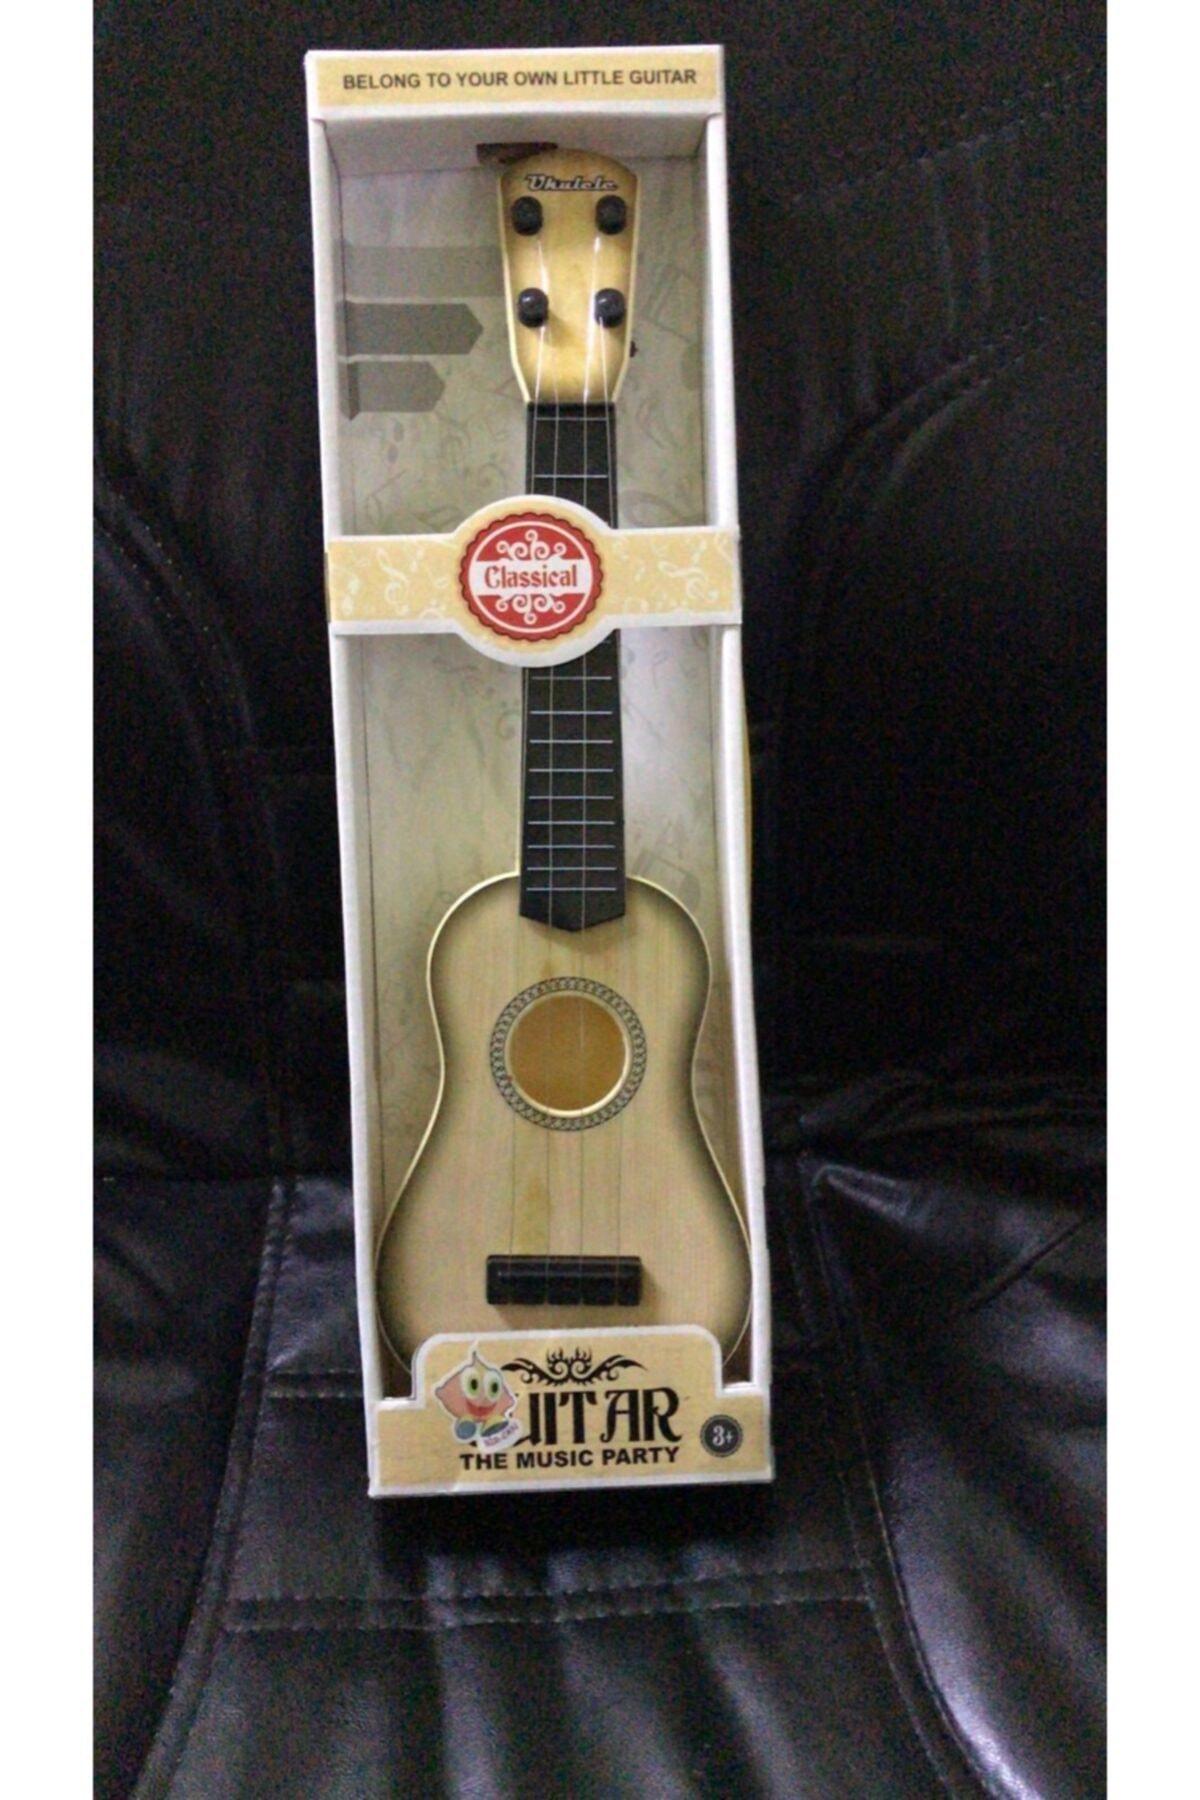 ERBAY Oyuncak Telli Gitar Oyuncak Müzik Aleti Gercekçi Çoçuk Gitar Eğitici Öğretici Ahşap Oyuncak Gitar 2